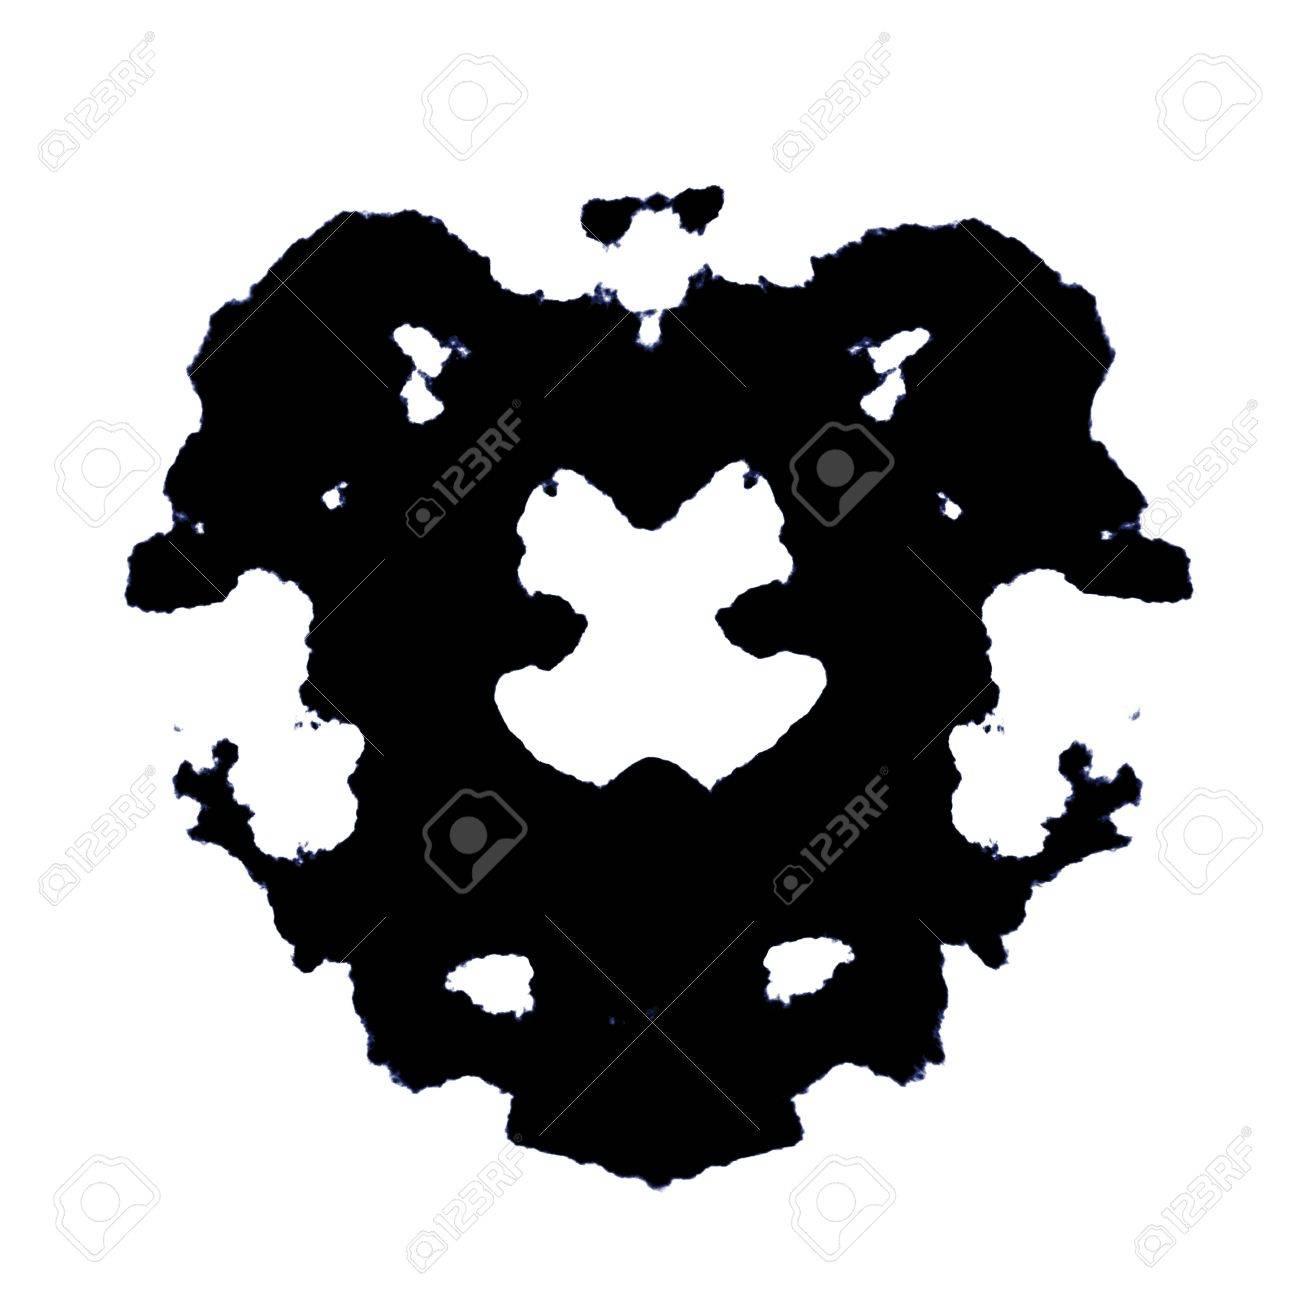 Rorschach Test of an Ink Blot Card Stock Photo - 7286636